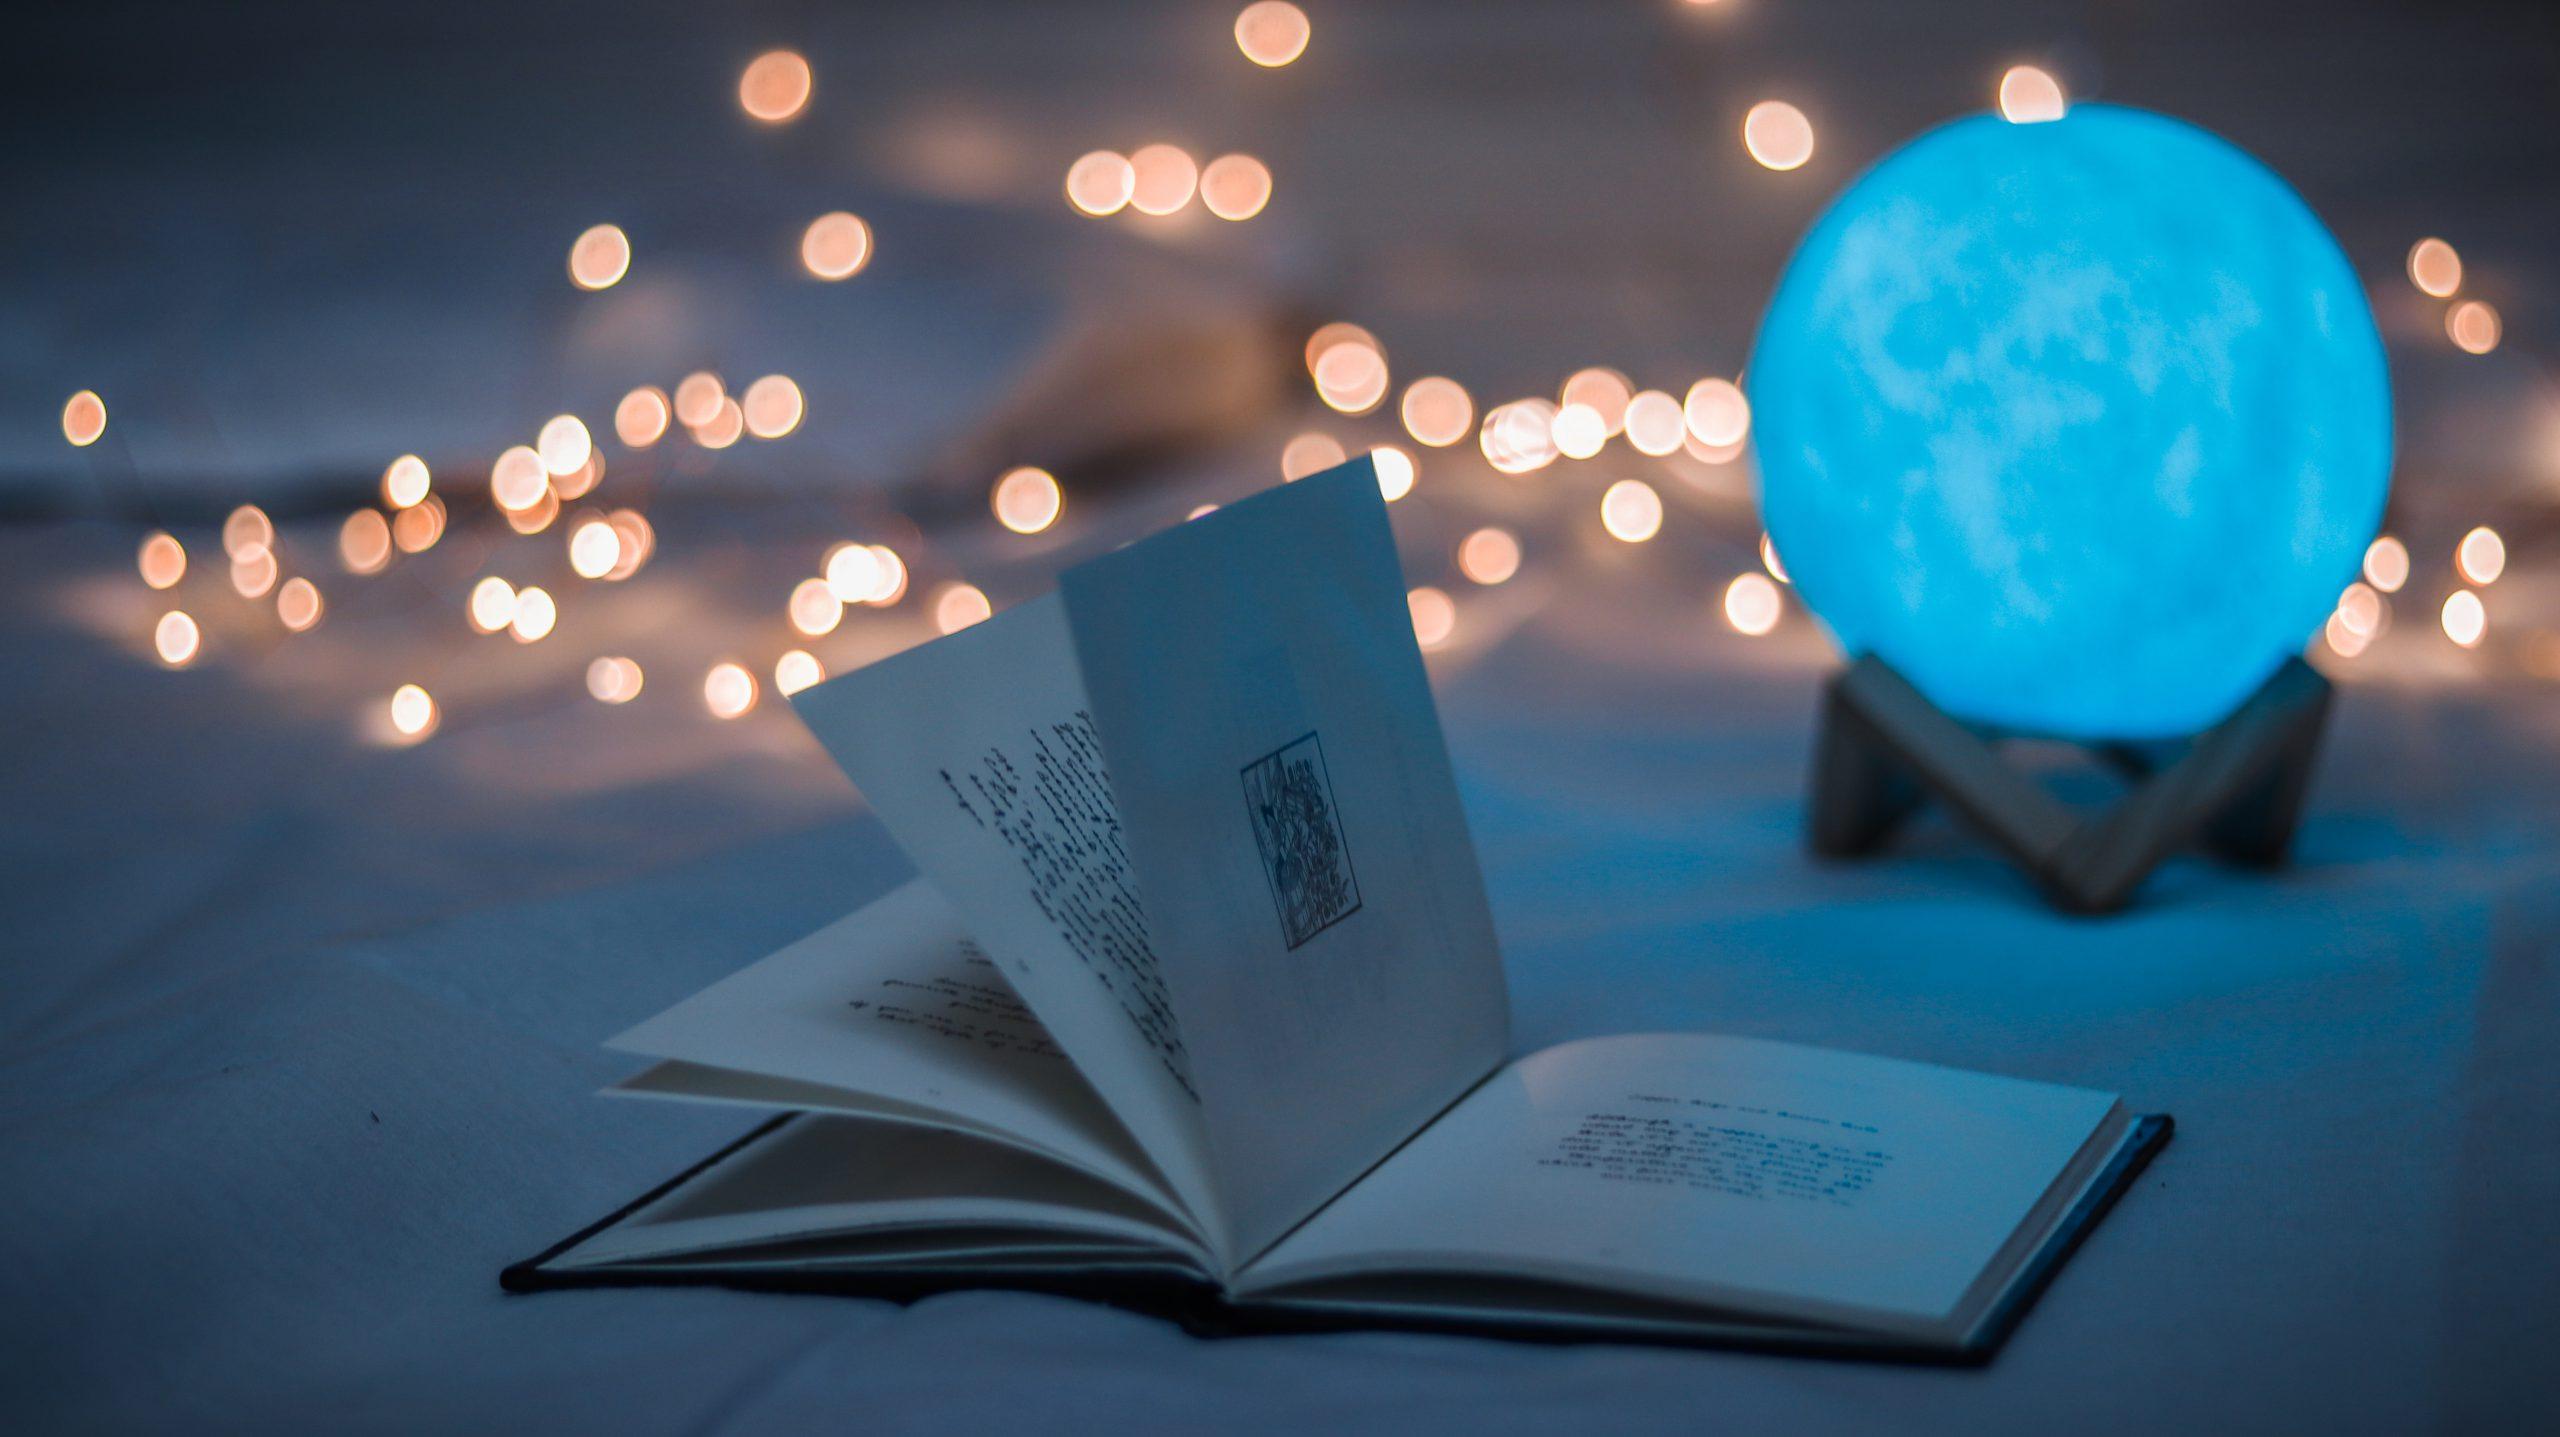 我看書好慢怎麼辦?用自助餐閱讀法讓閱讀速度增加100%!